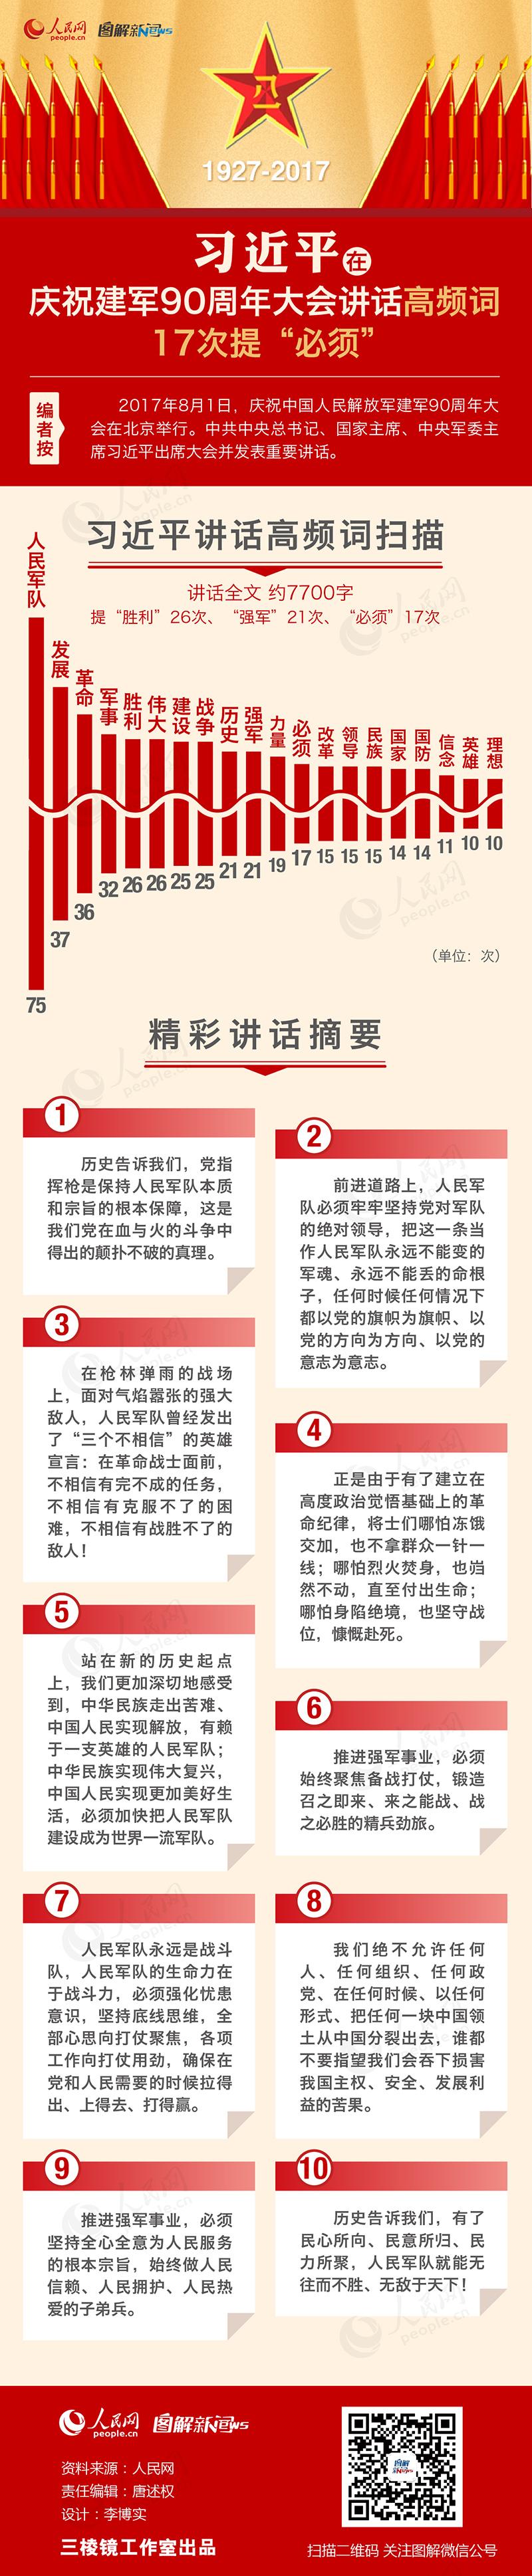 2017年河南省考时政积累:习近平在庆祝建军90周年大会讲话高频词